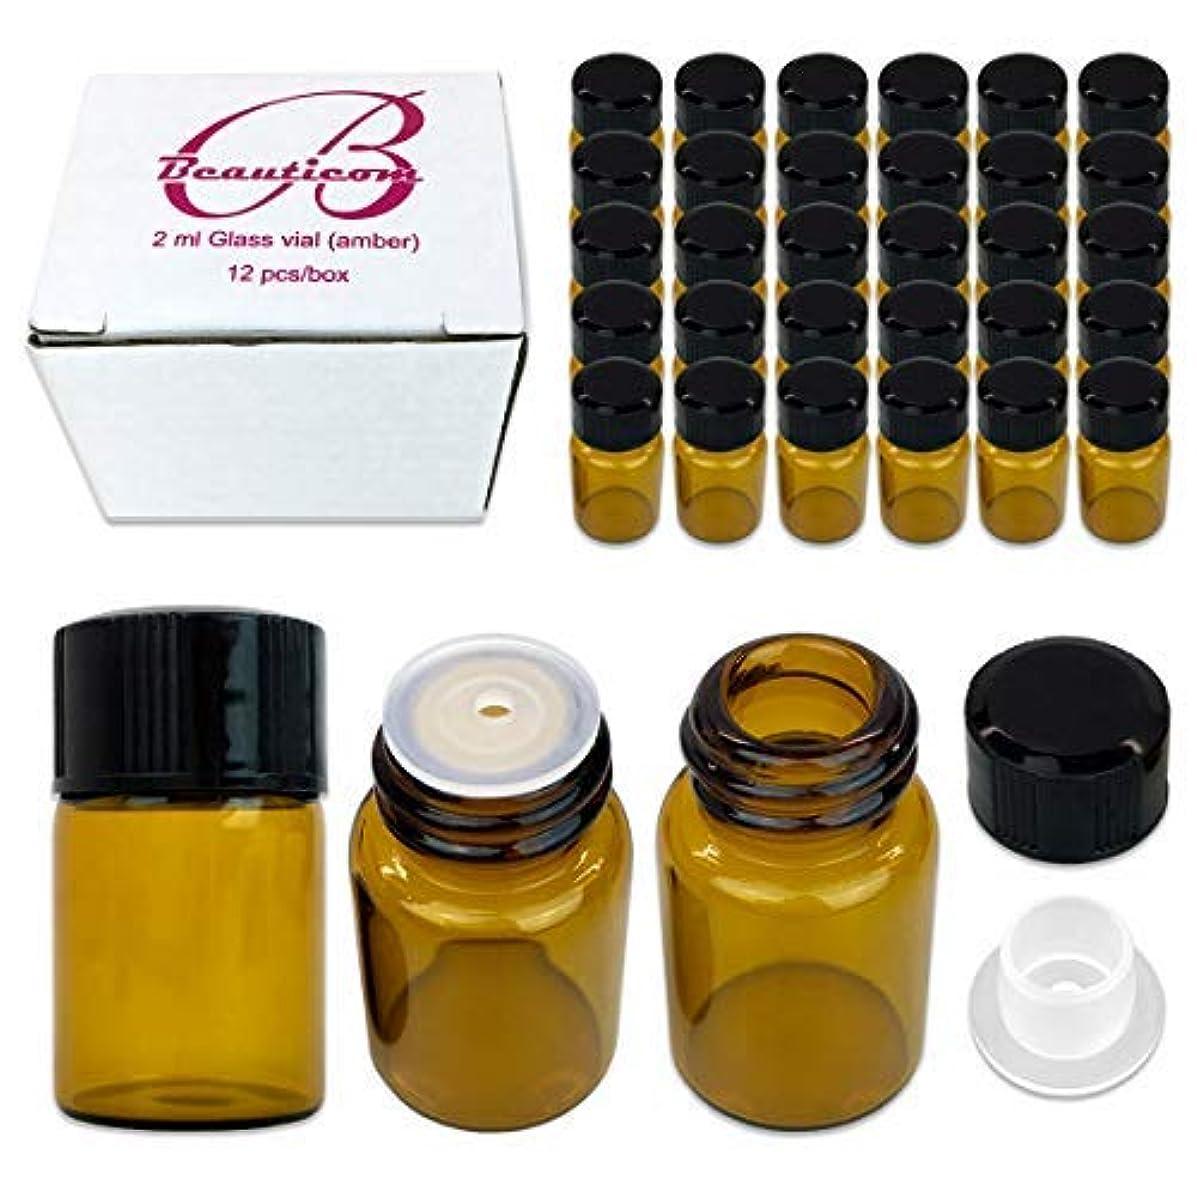 たまに翻訳複雑な48 Packs Beauticom 2ML Amber Glass Vial for Essential Oils, Aromatherapy, Fragrance, Serums, Spritzes, with Orifice...